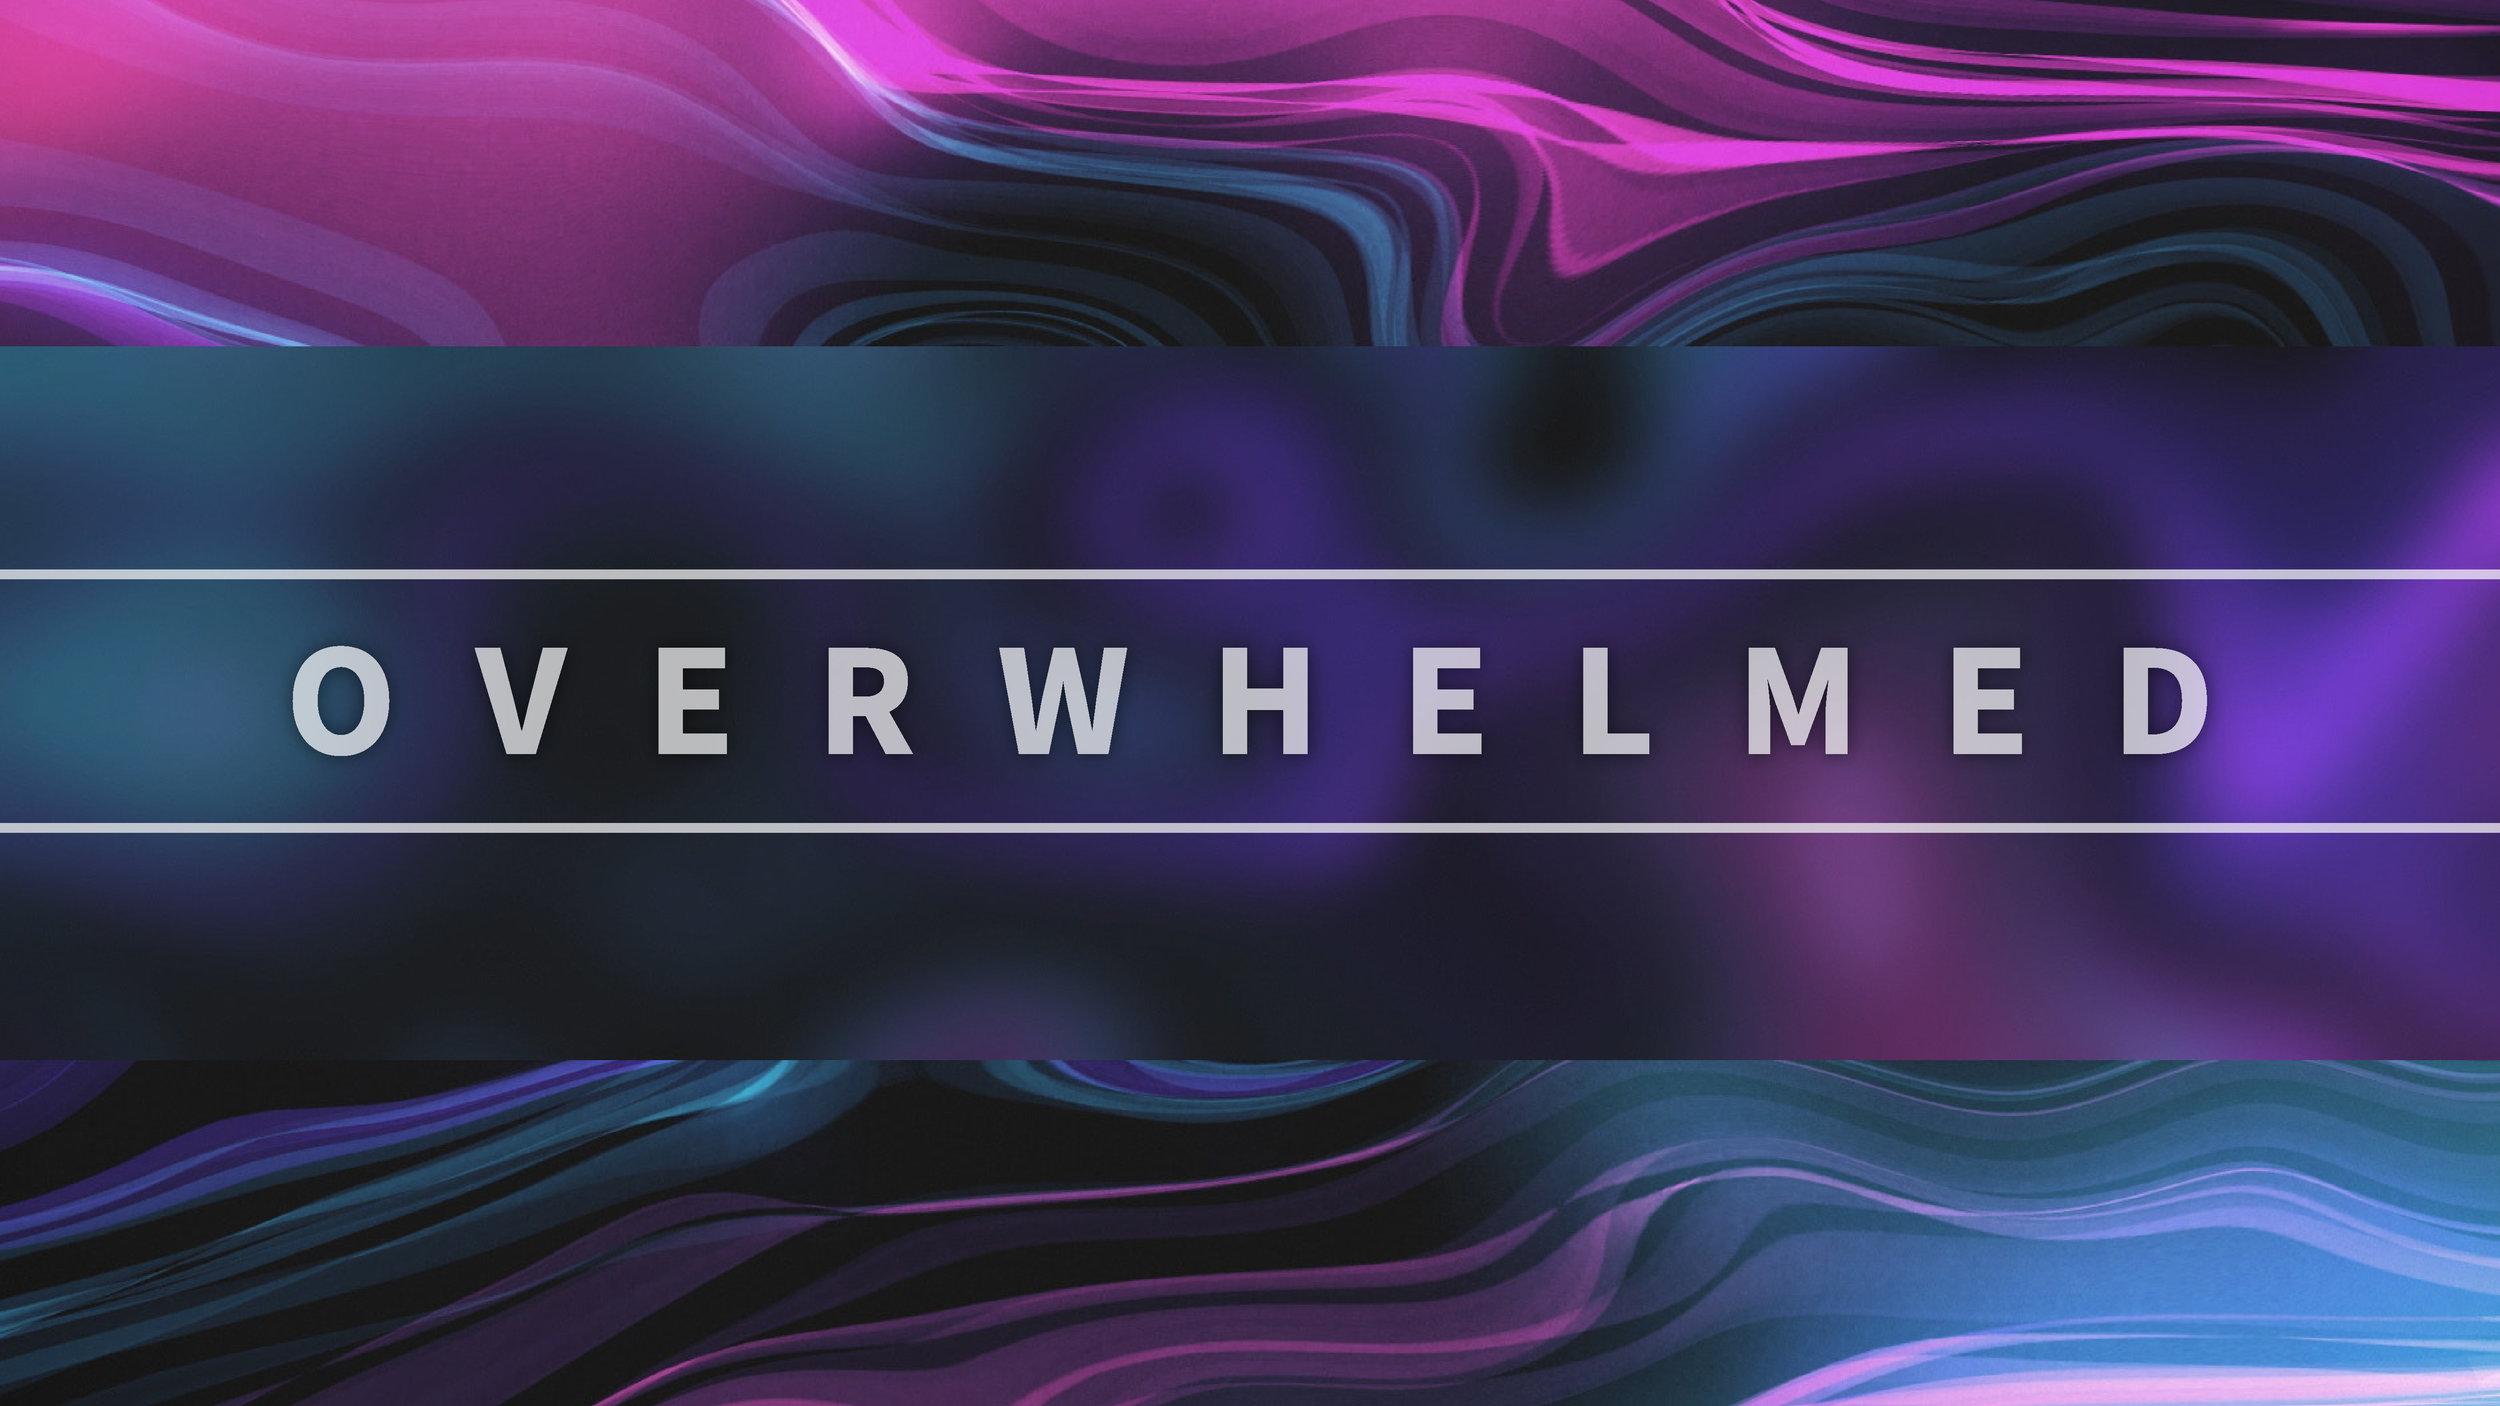 05-26-19 Overwhelmed Slide-01.jpg